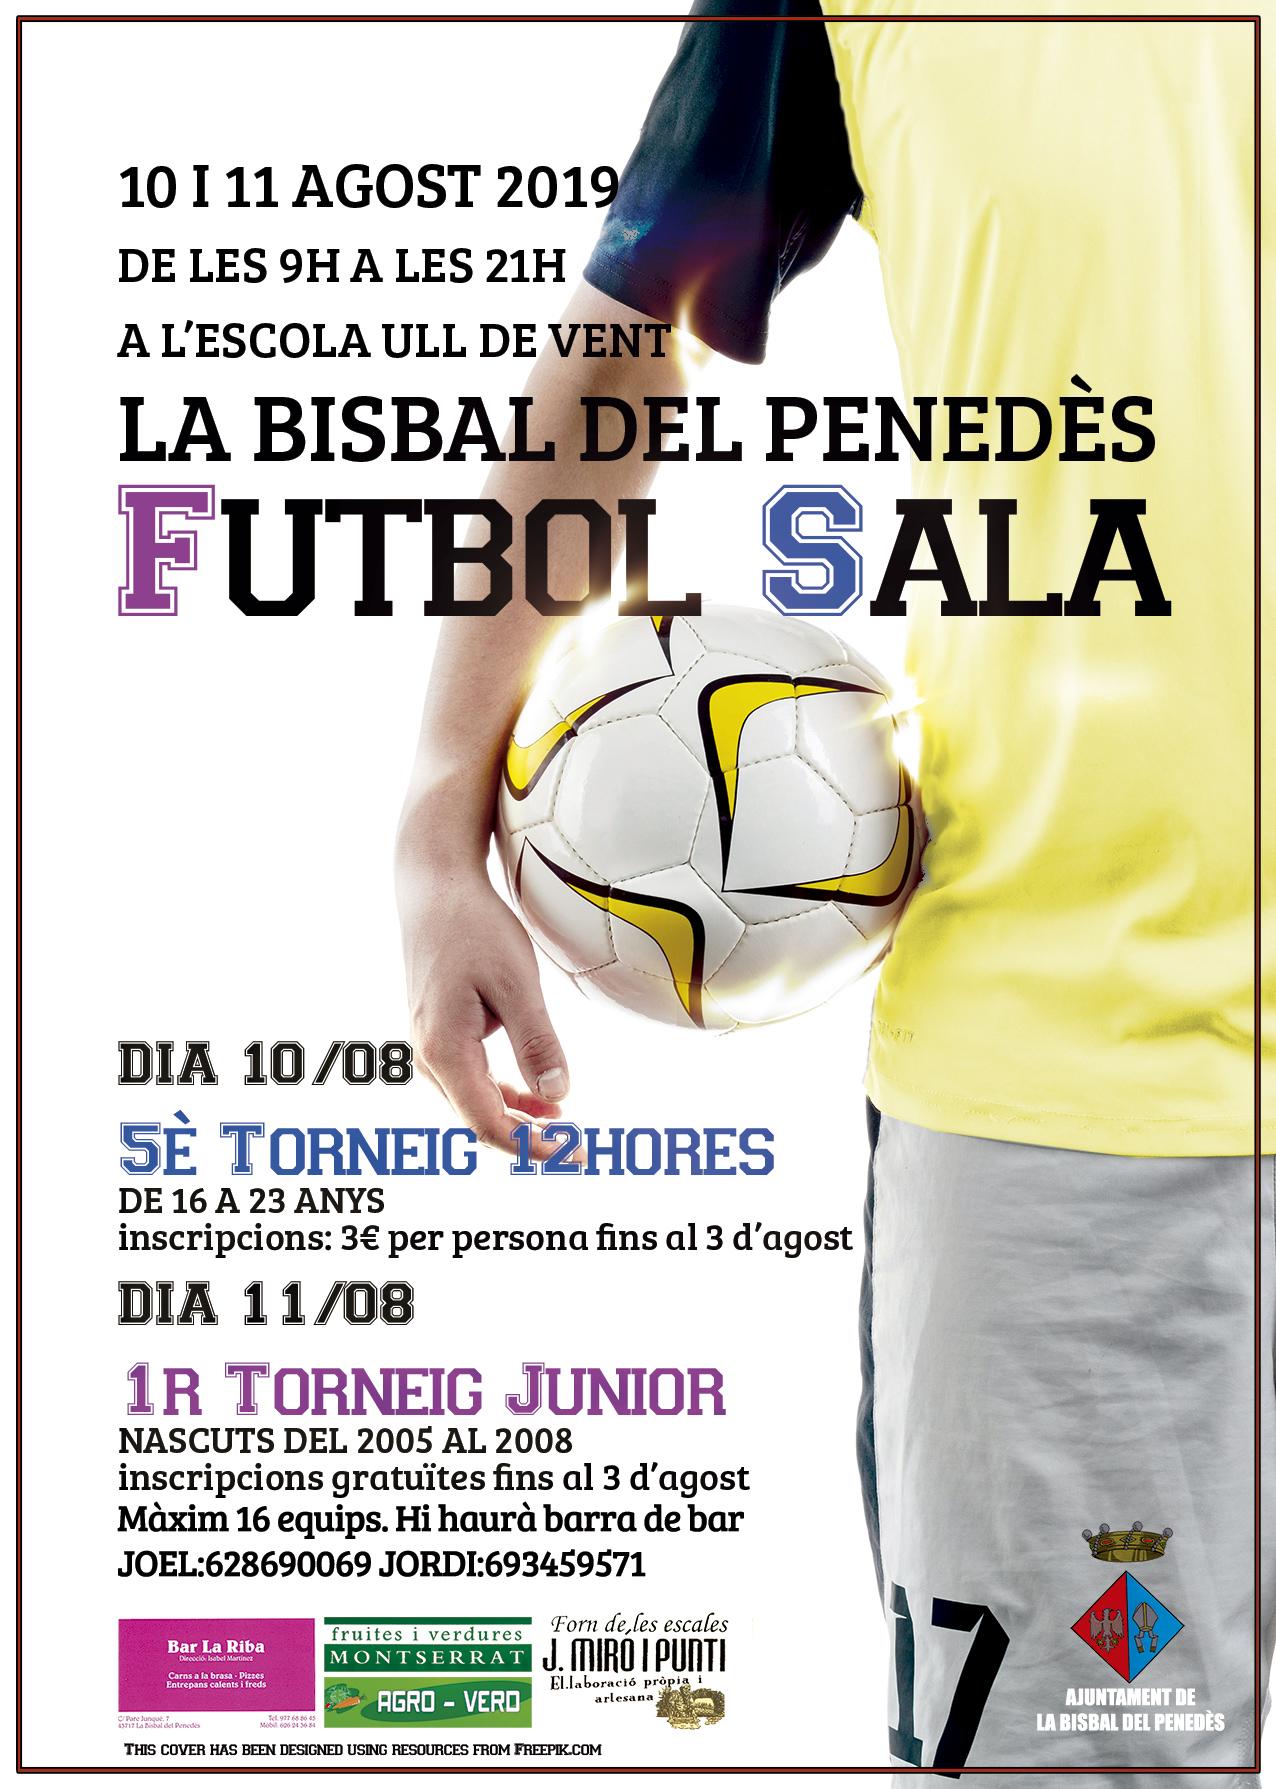 Les inscripcions per als tornejos de futbol sala de la Festa Major romandran obertes fins al 3 d'agost